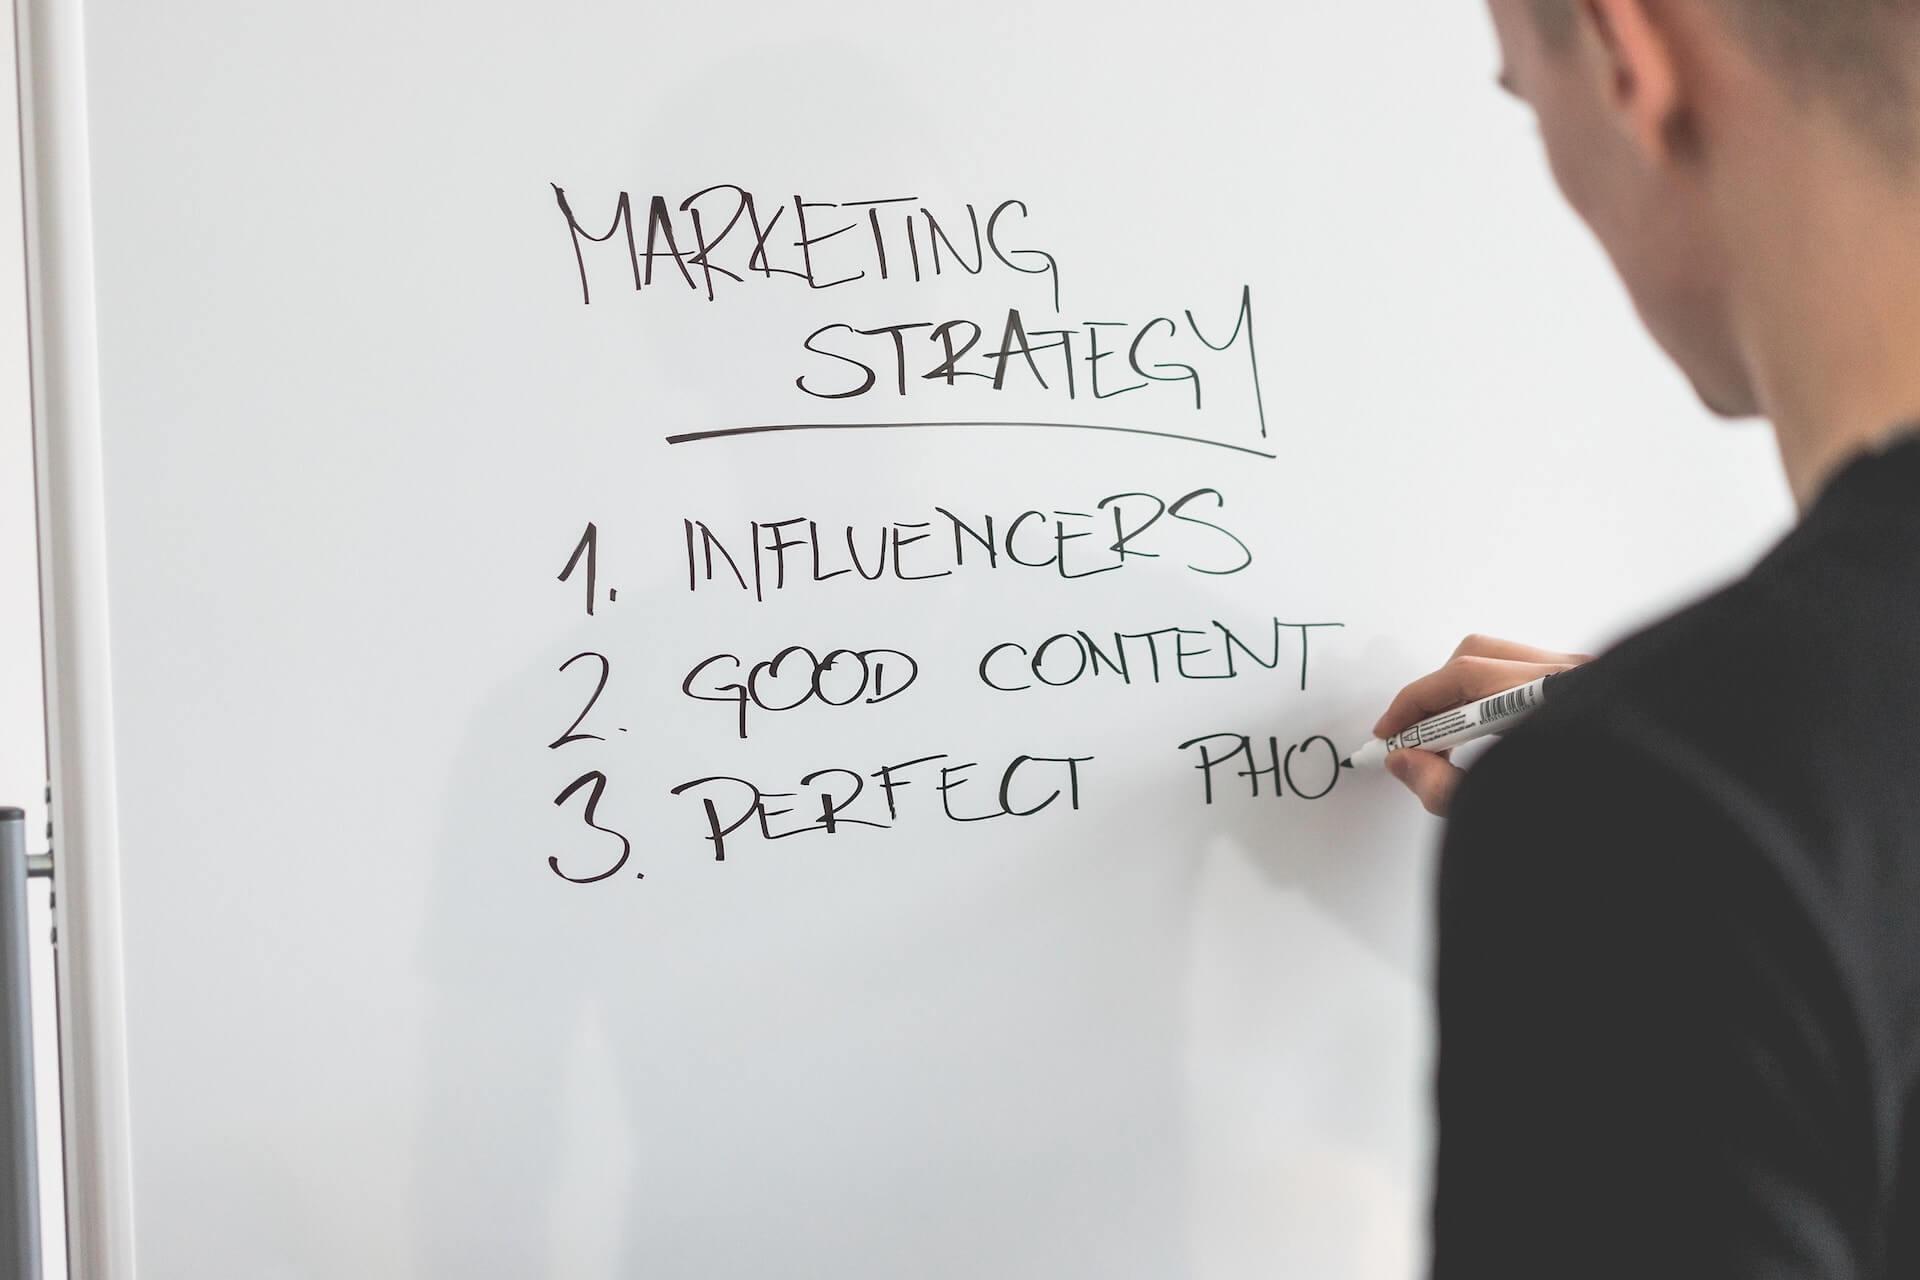 网络营销专业术语SEO、SEM、CPA、CPS、CPM、CP、CPC是什么意思?如何做网络营销?